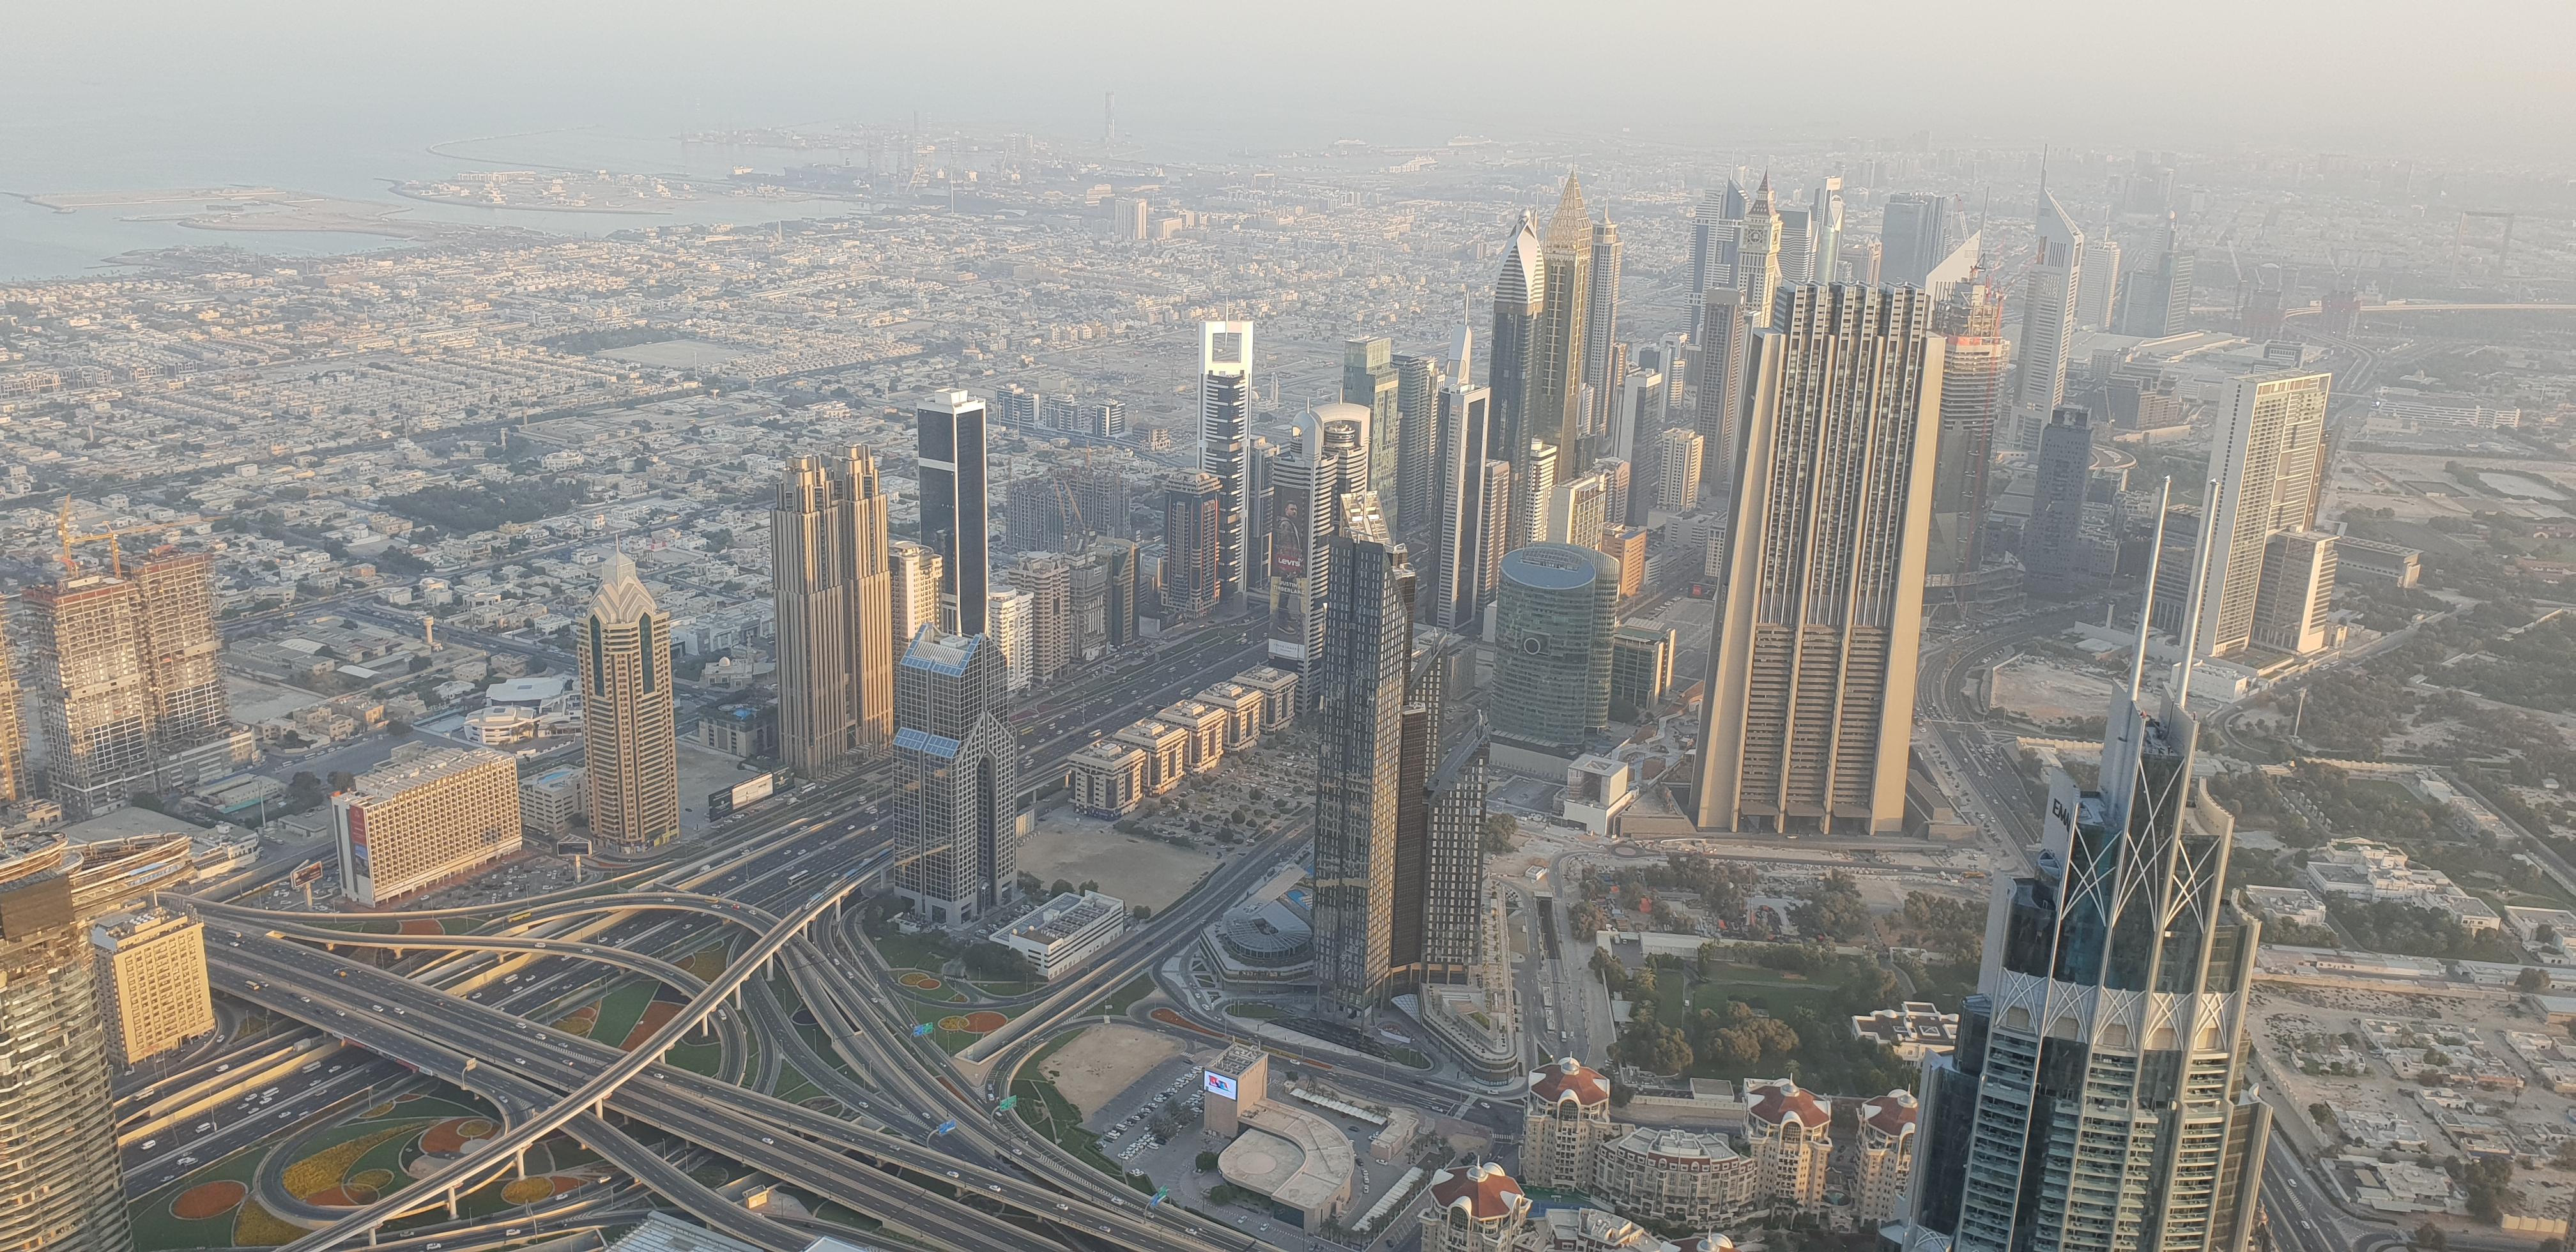 Výhled na moderní centrum Dubaje z Burj Khalifa